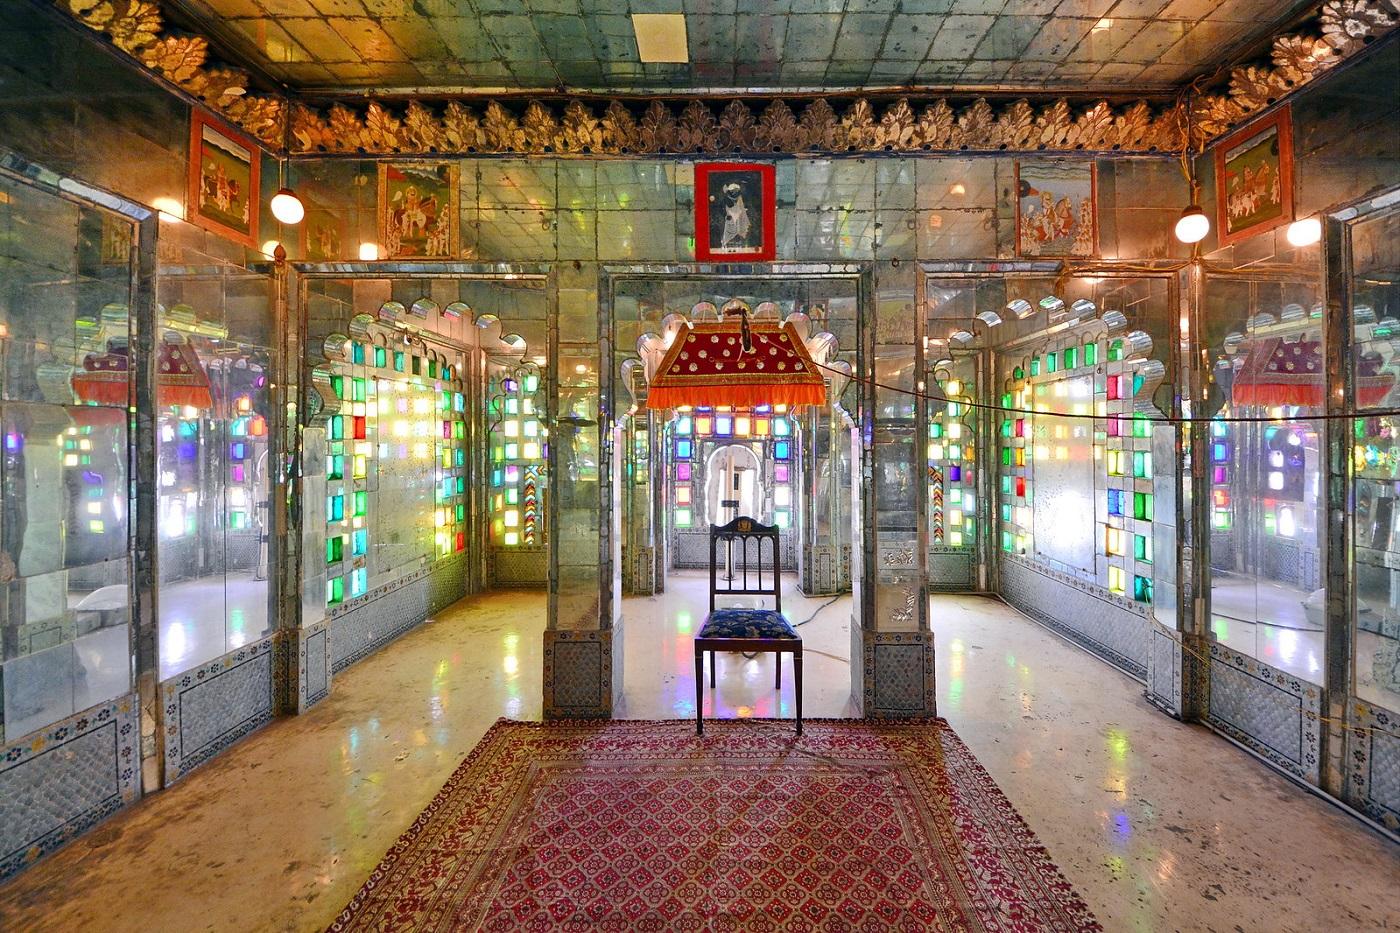 Manak Mahal at City Palace Udaipur